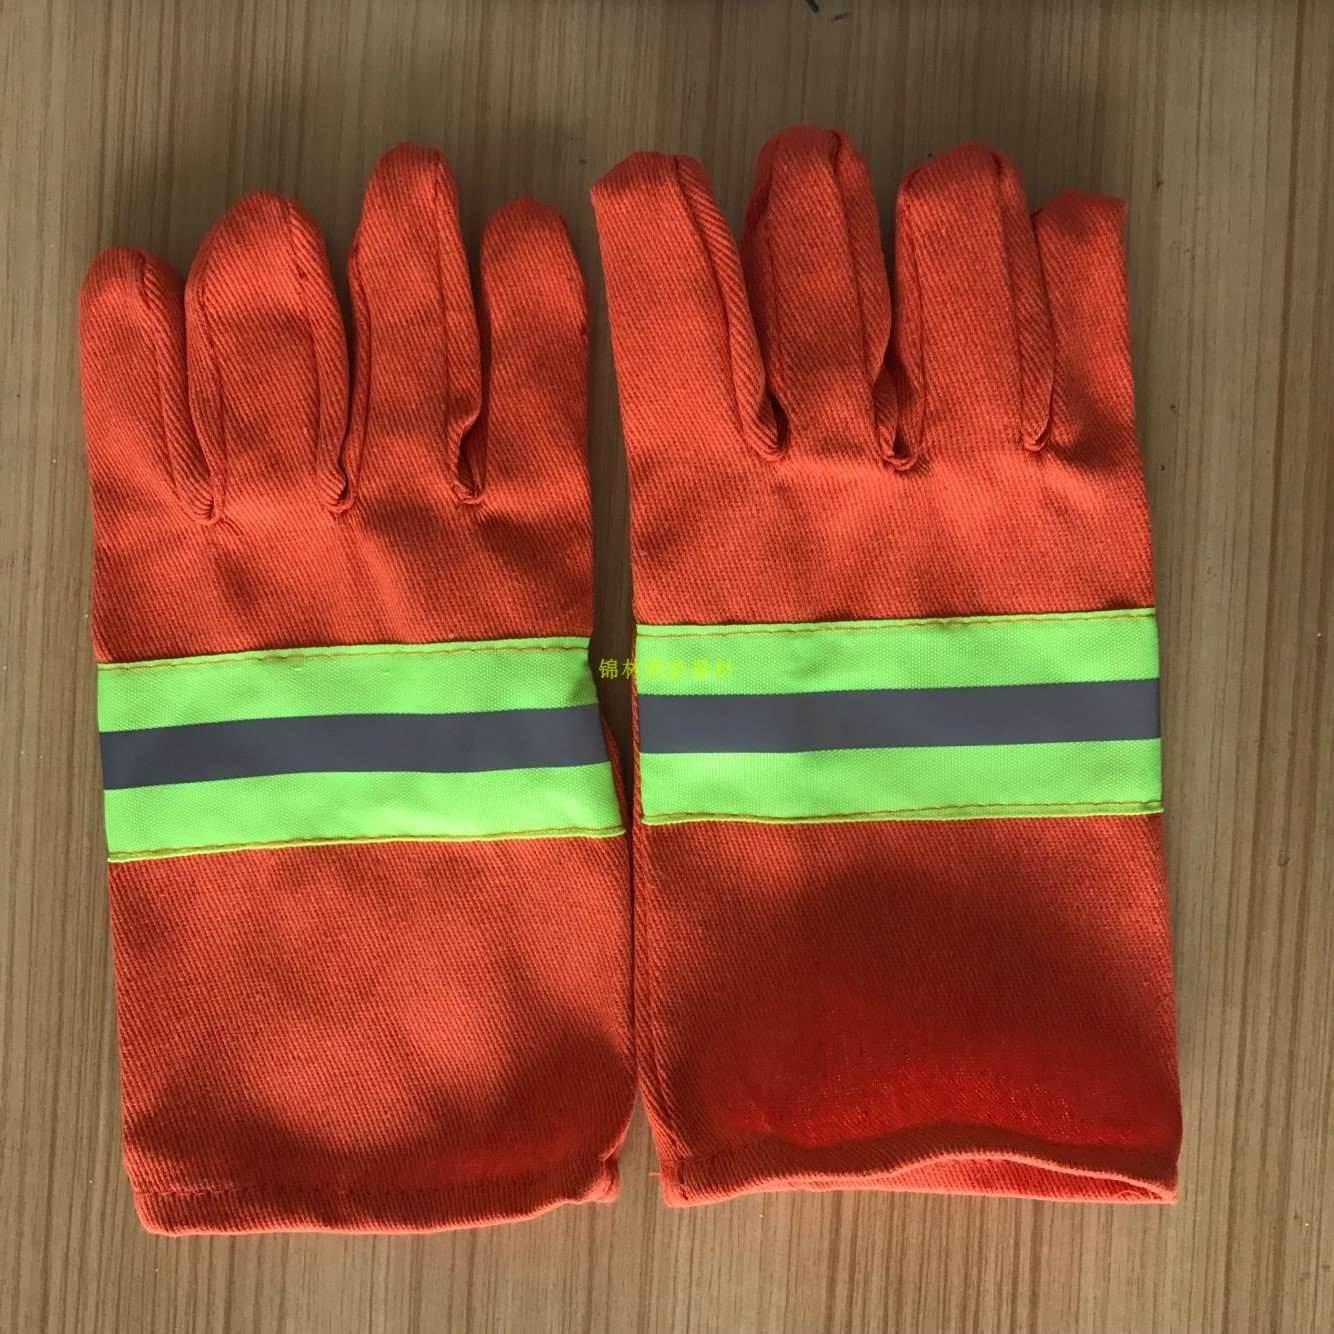 防护手套救援97款防滑防火带胶手套阻燃隔热手套包邮